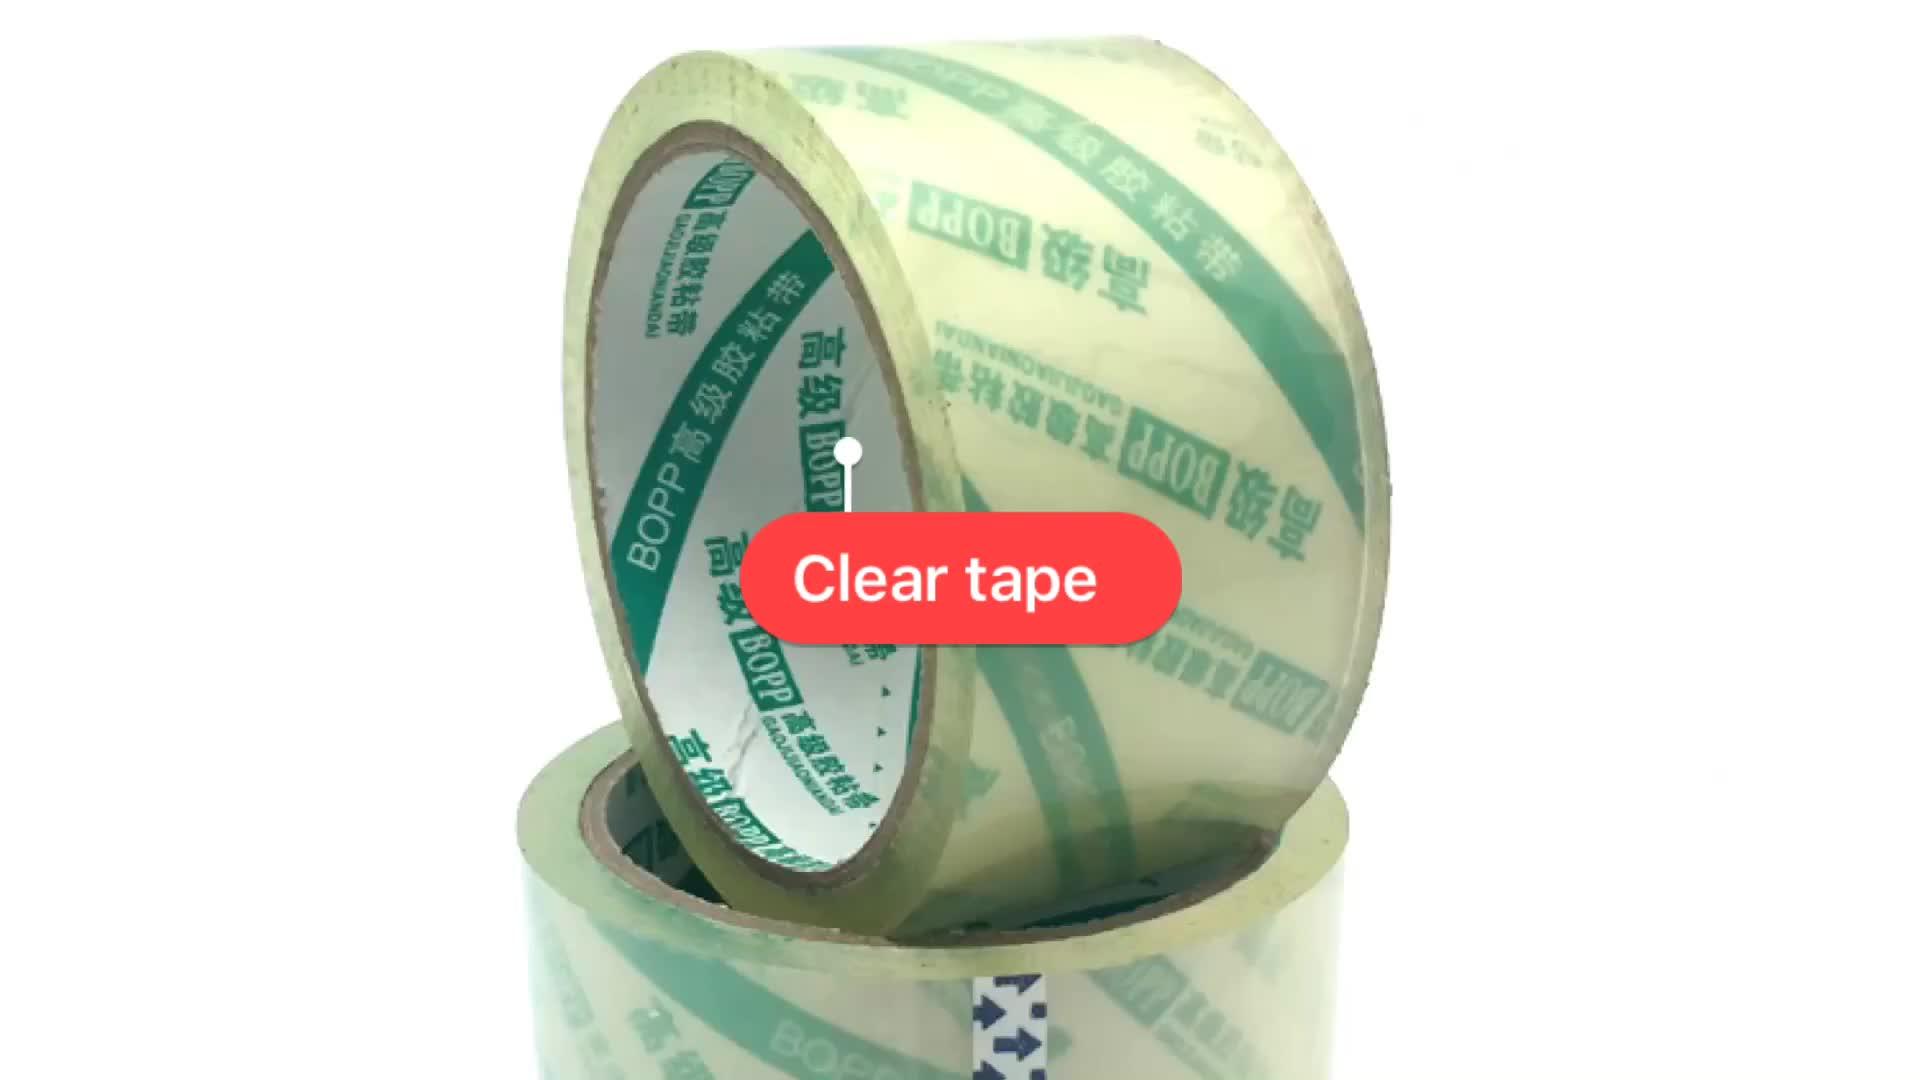 Bopp adhesivo transparente cinta de embalaje transparente engomado cinta para el sellado de cajas de cartón